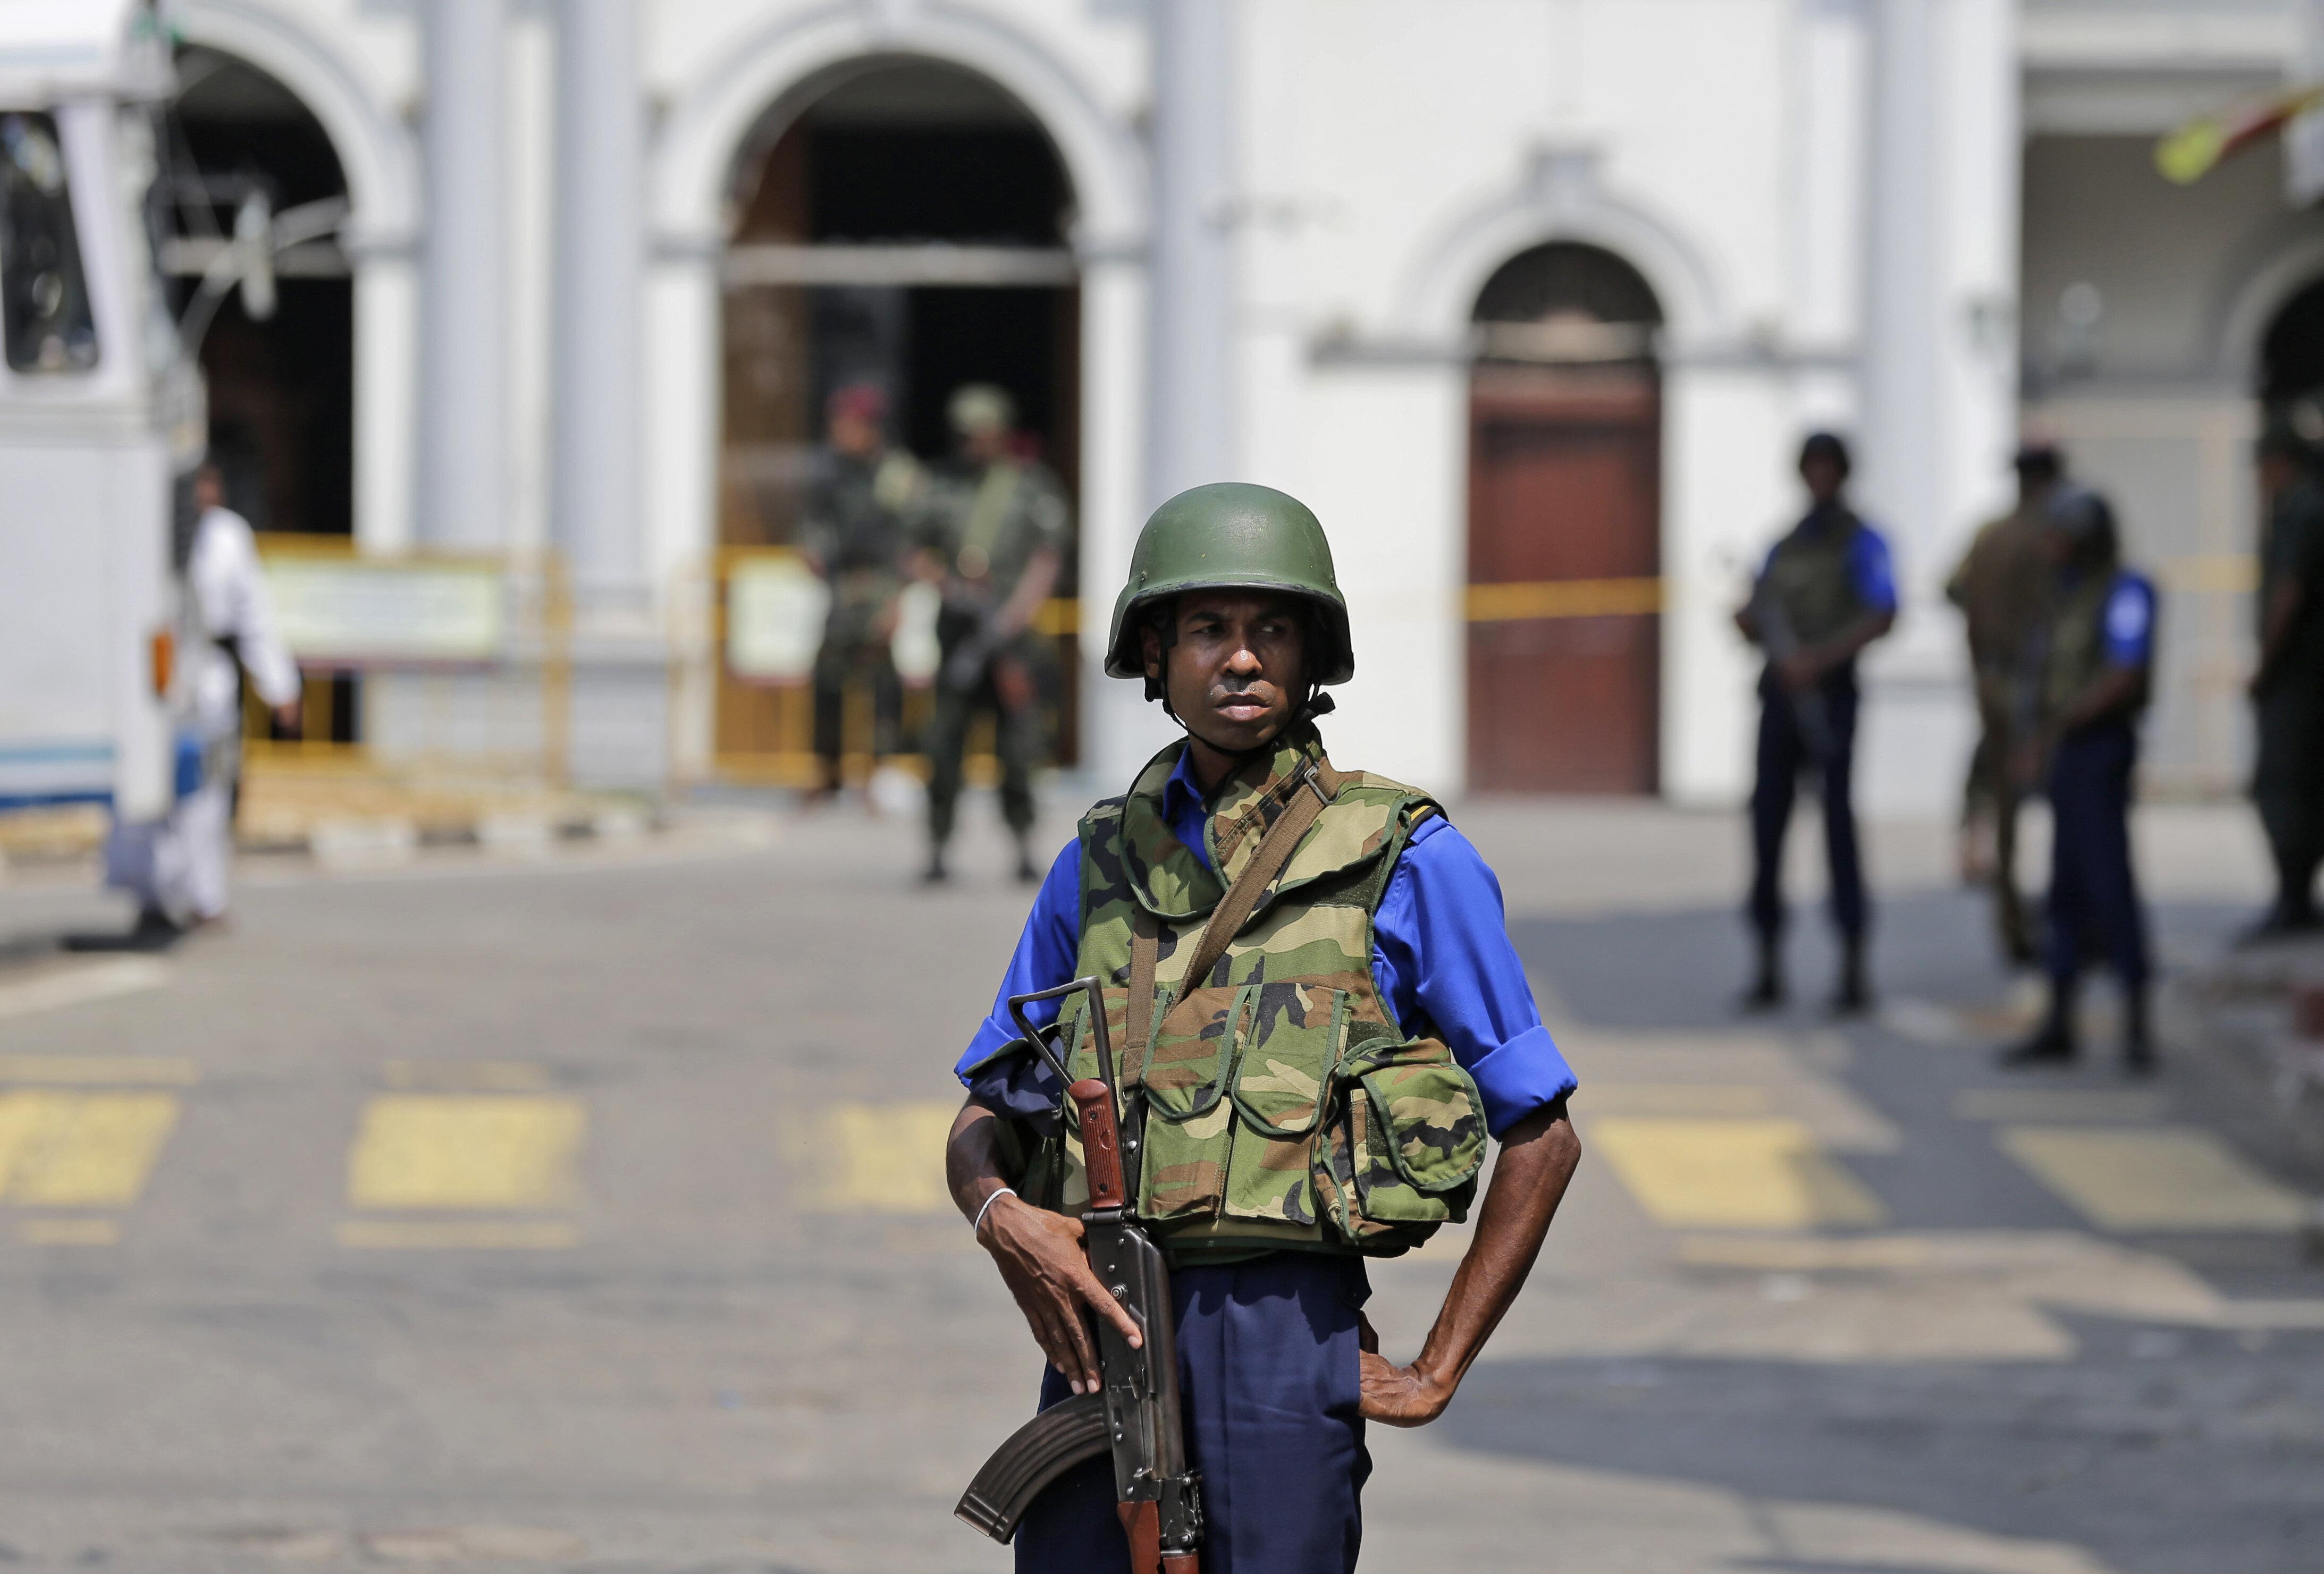 Σρι Λάνκα: Ενας από τους βομβιστές είχε συλληφθεί και αφέθηκε